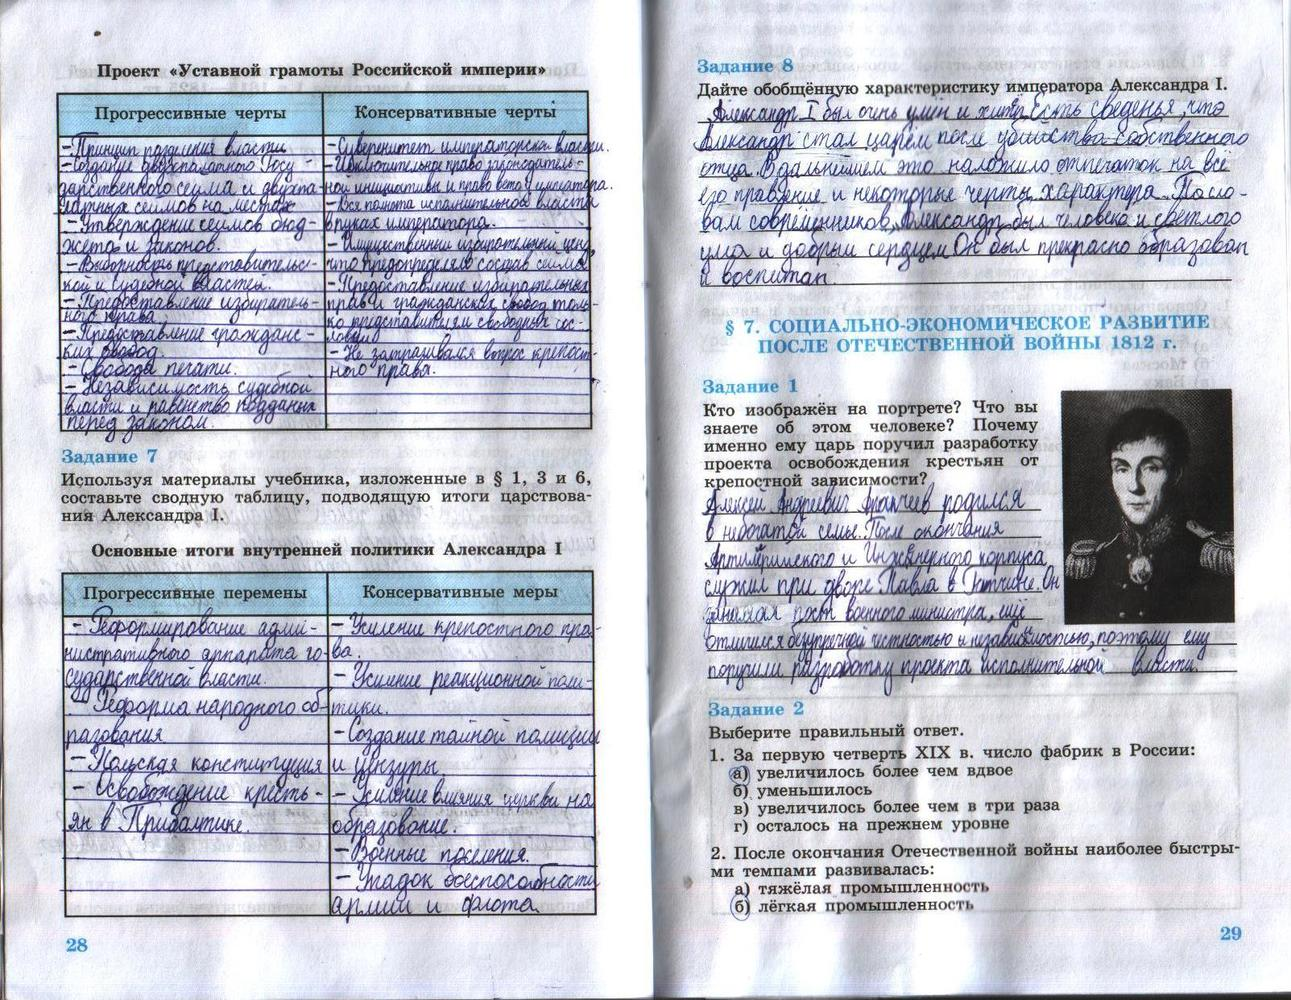 Данилов рабочая по 8 класса тетрадь россии гдз косулина истории